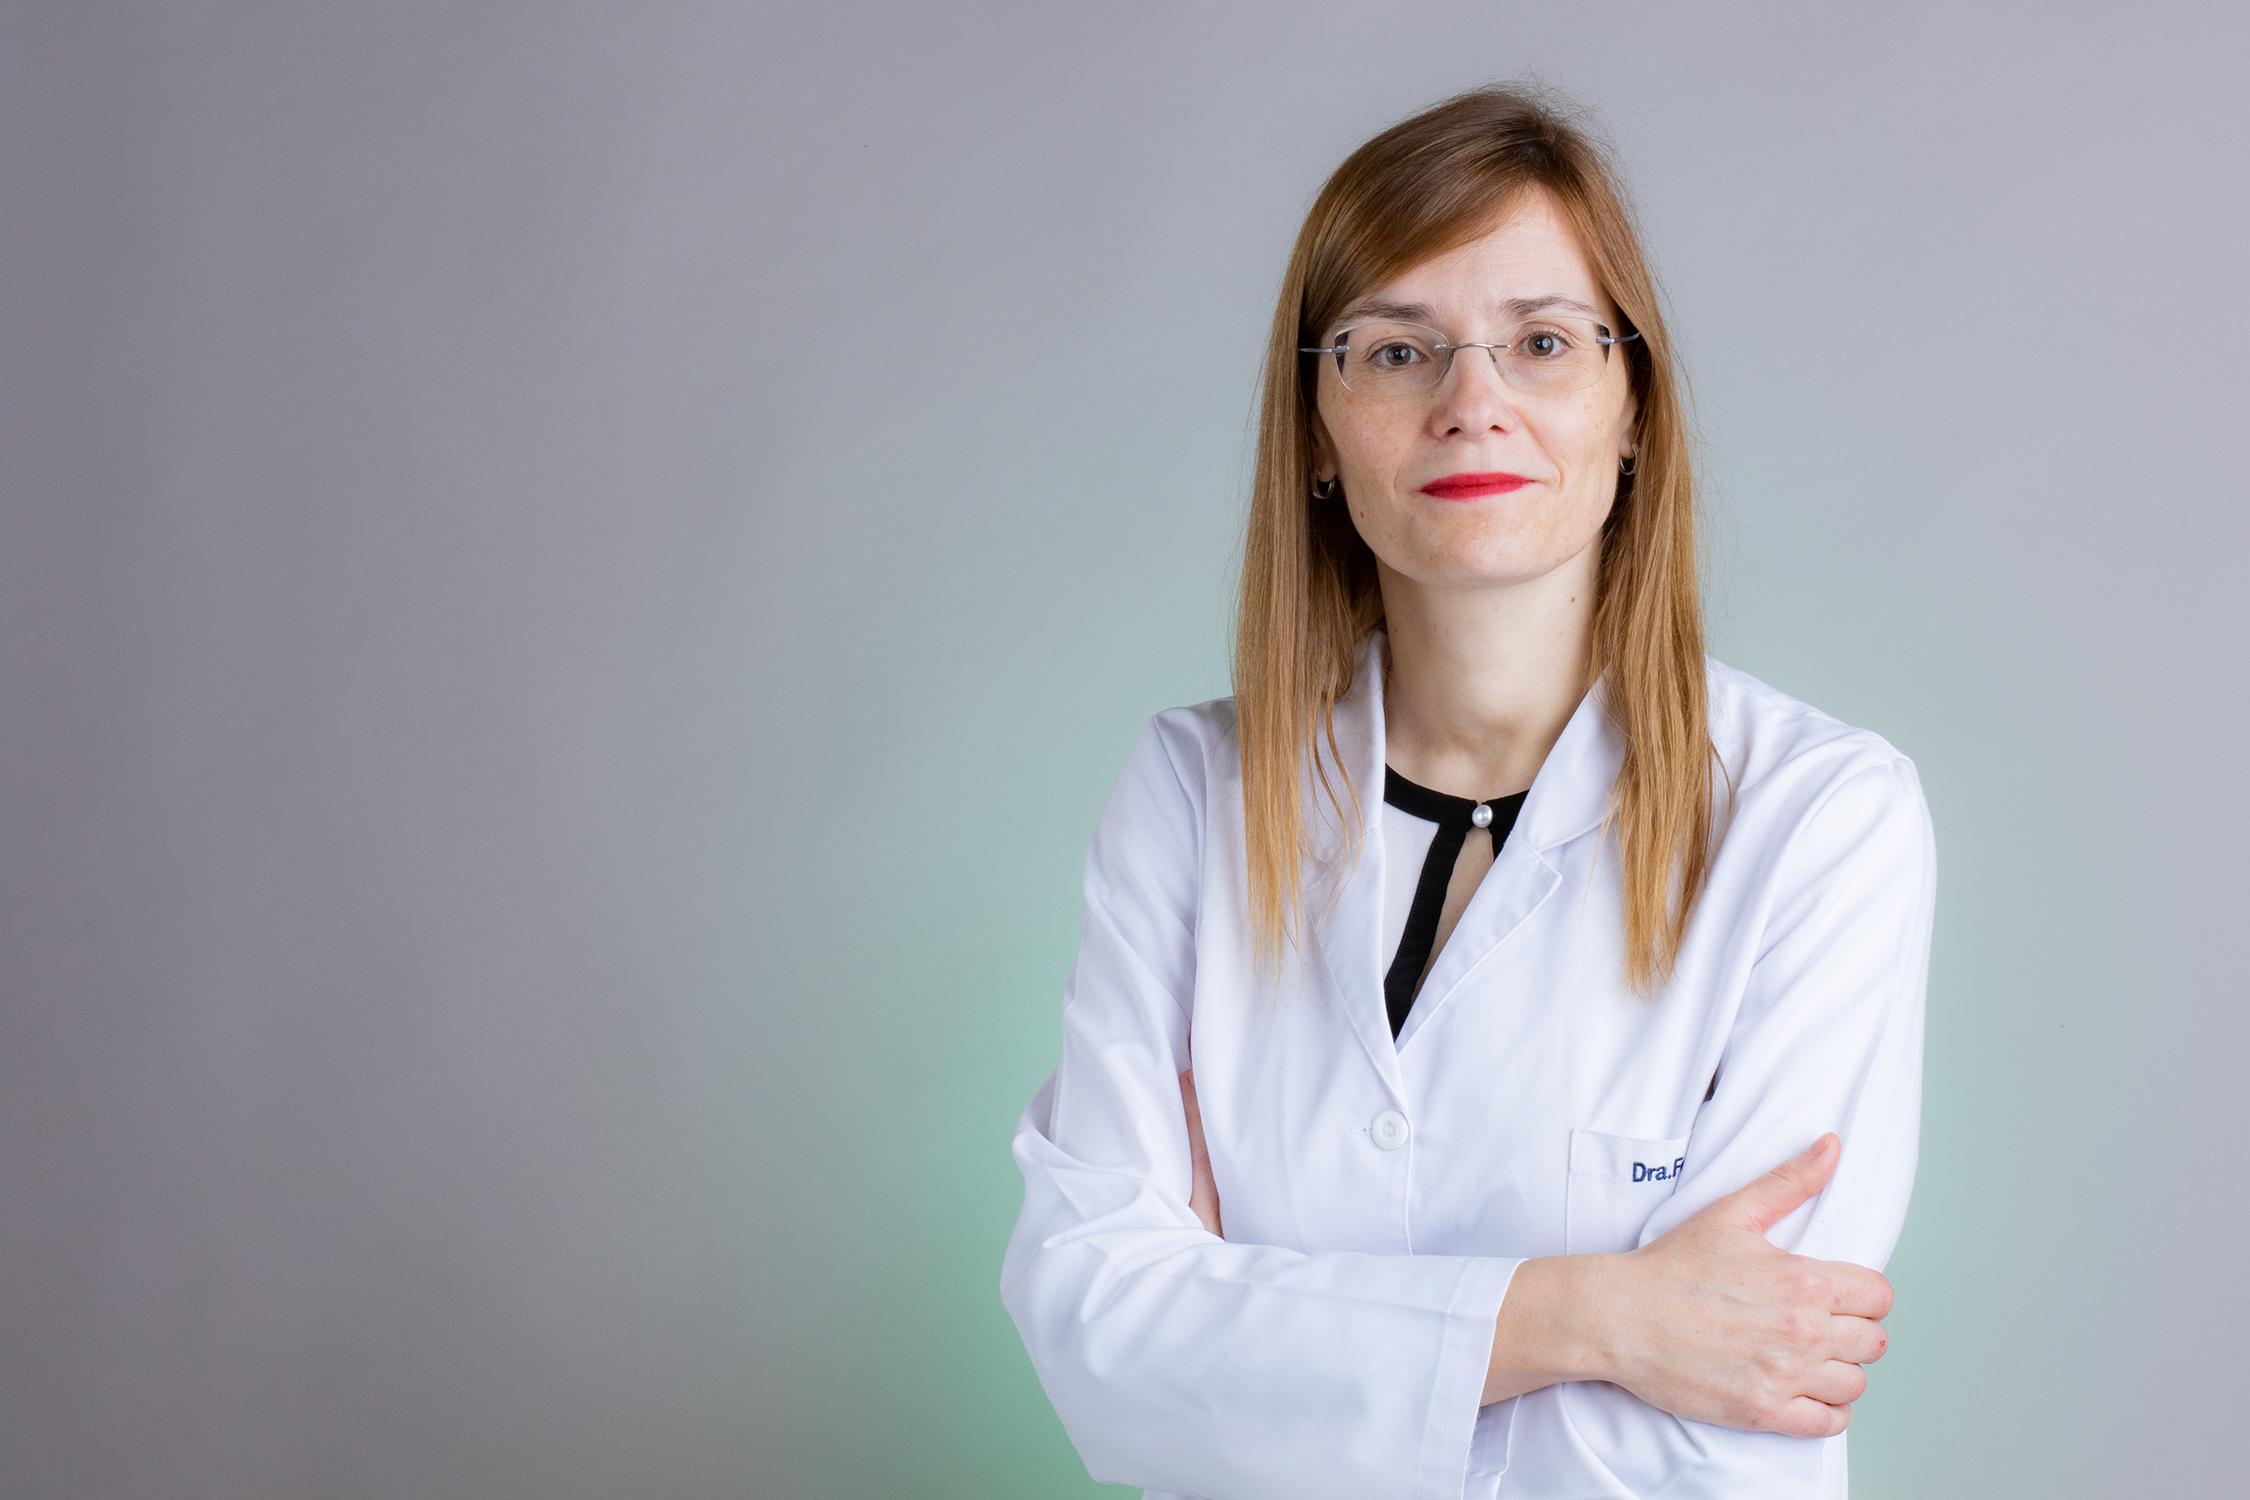 La traumatóloga del Hospital Cosaga Ana Belén Fernández Cortiñas, entre los mejores 50 especialistas de España